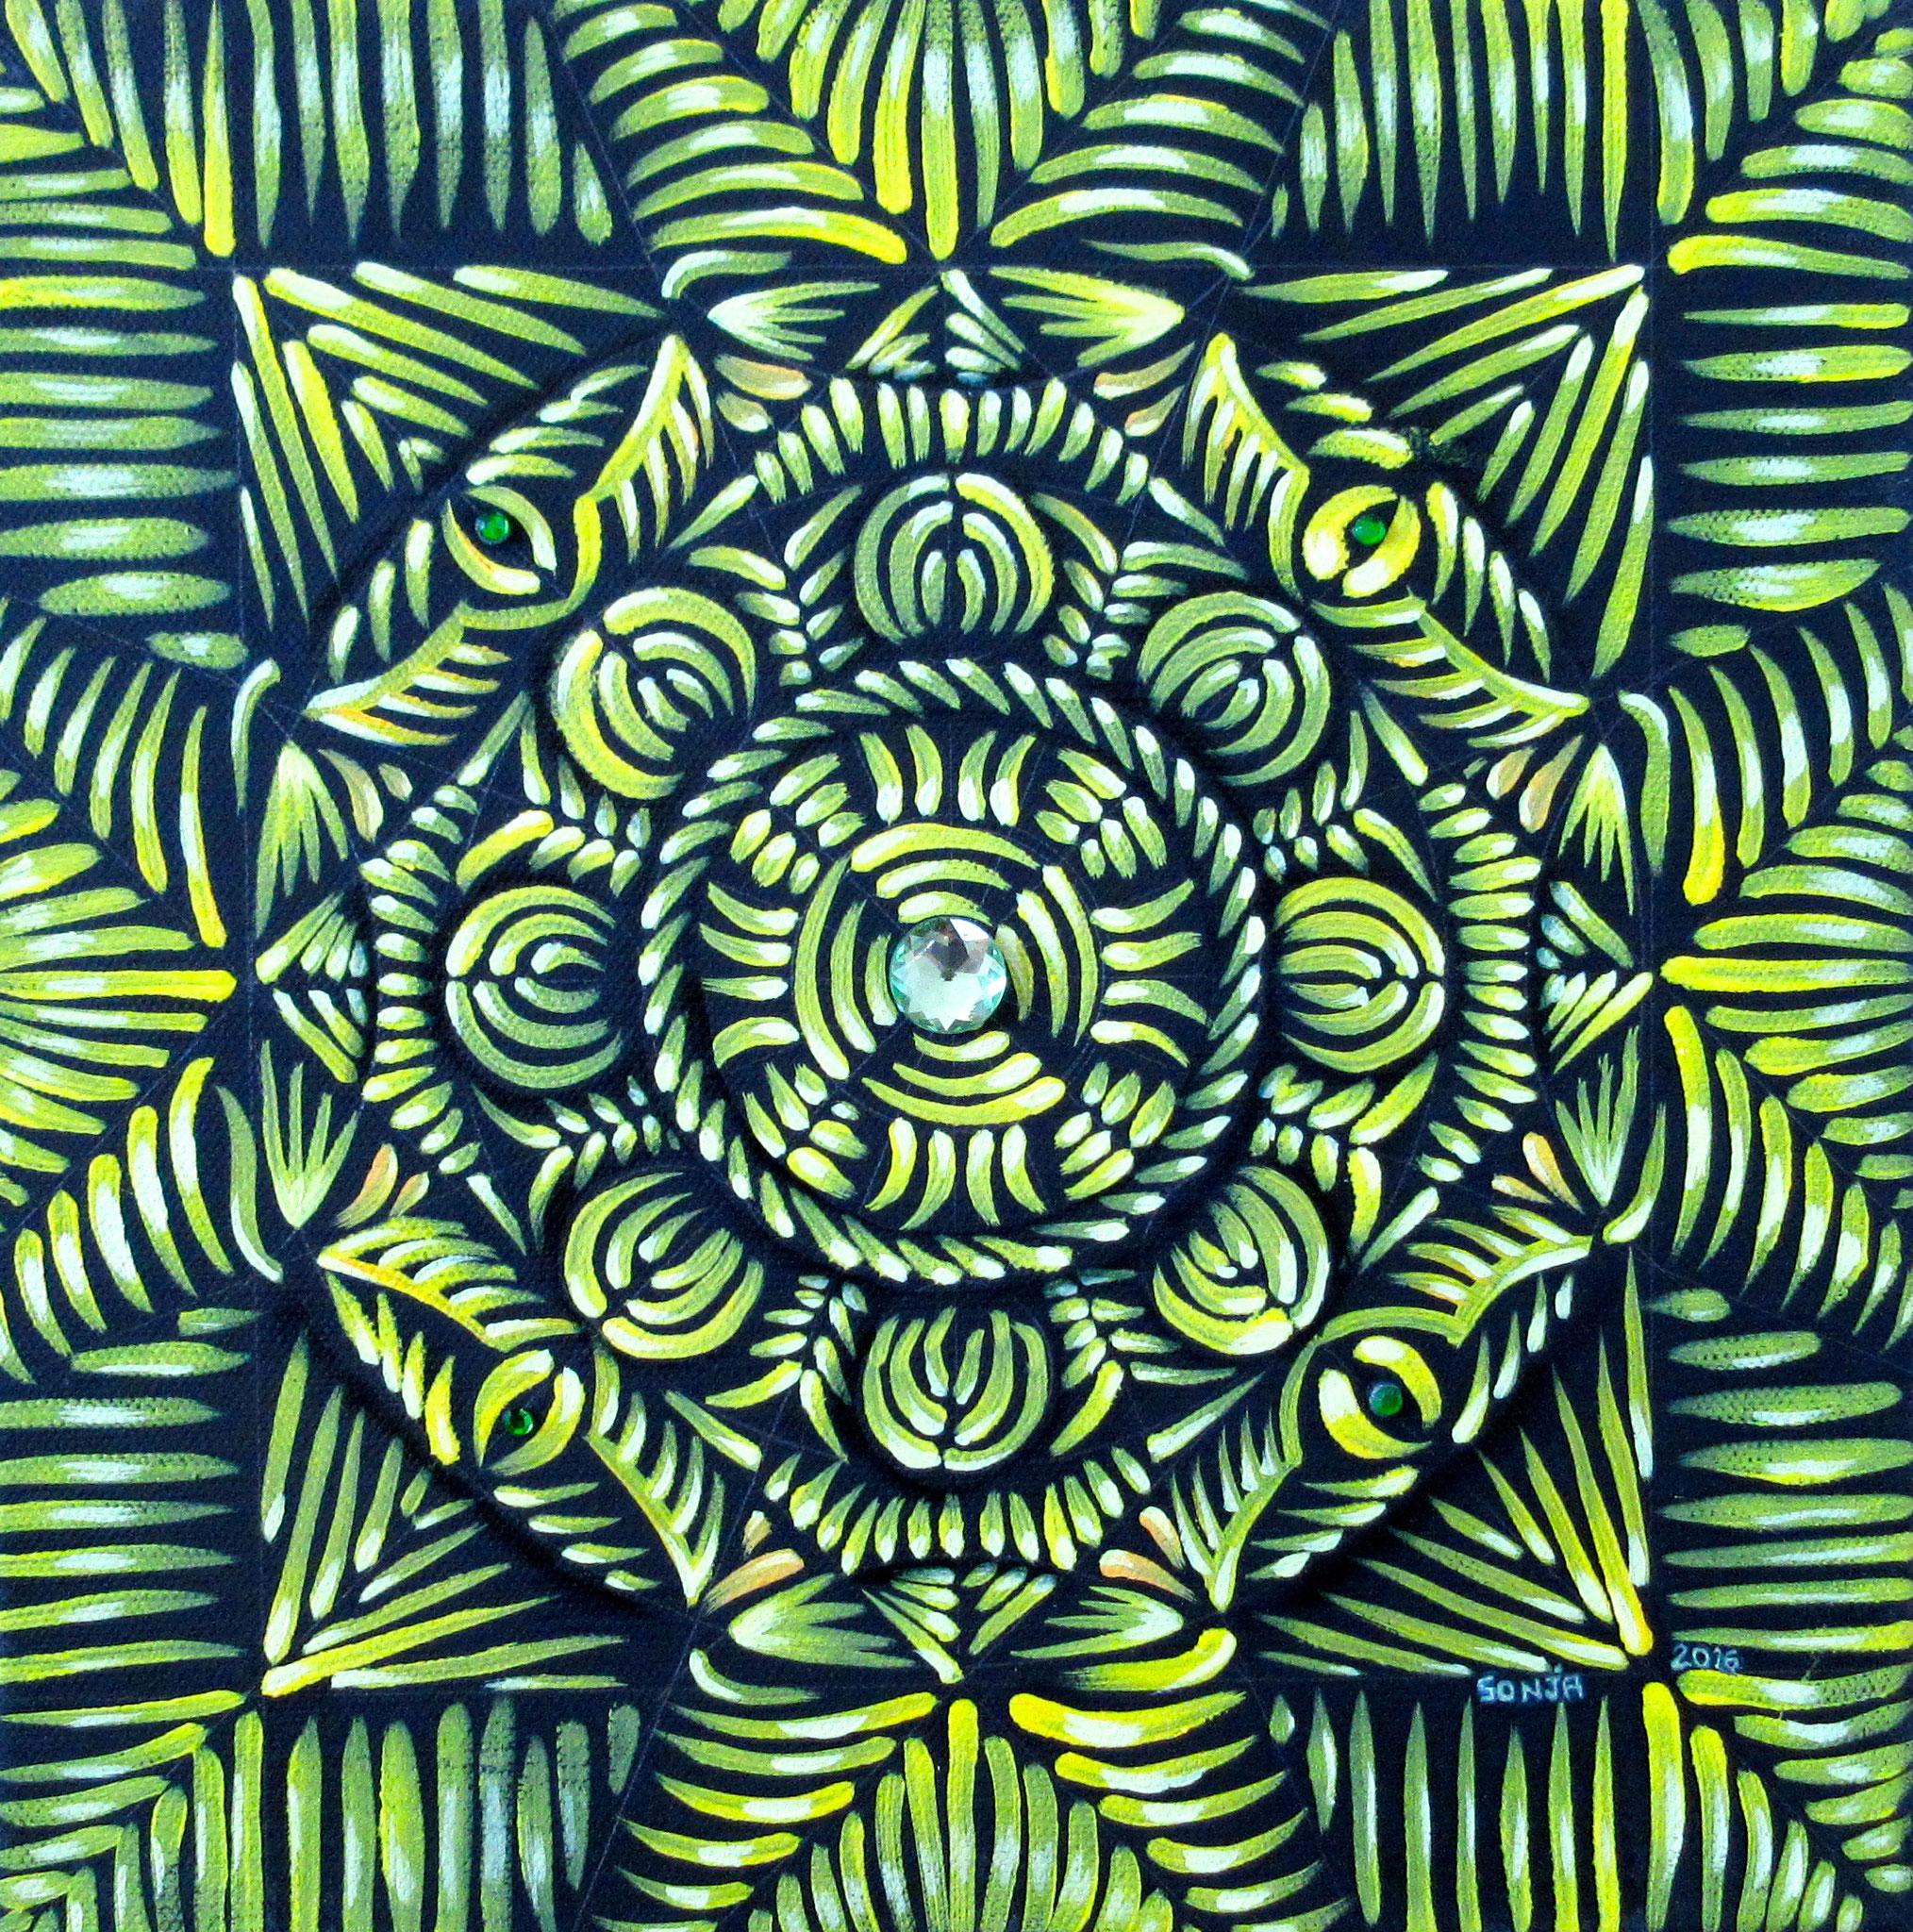 Chakra Mandala - Solar Plexus - oil and sparklies on canvas 12x12, November 2016 - (1)